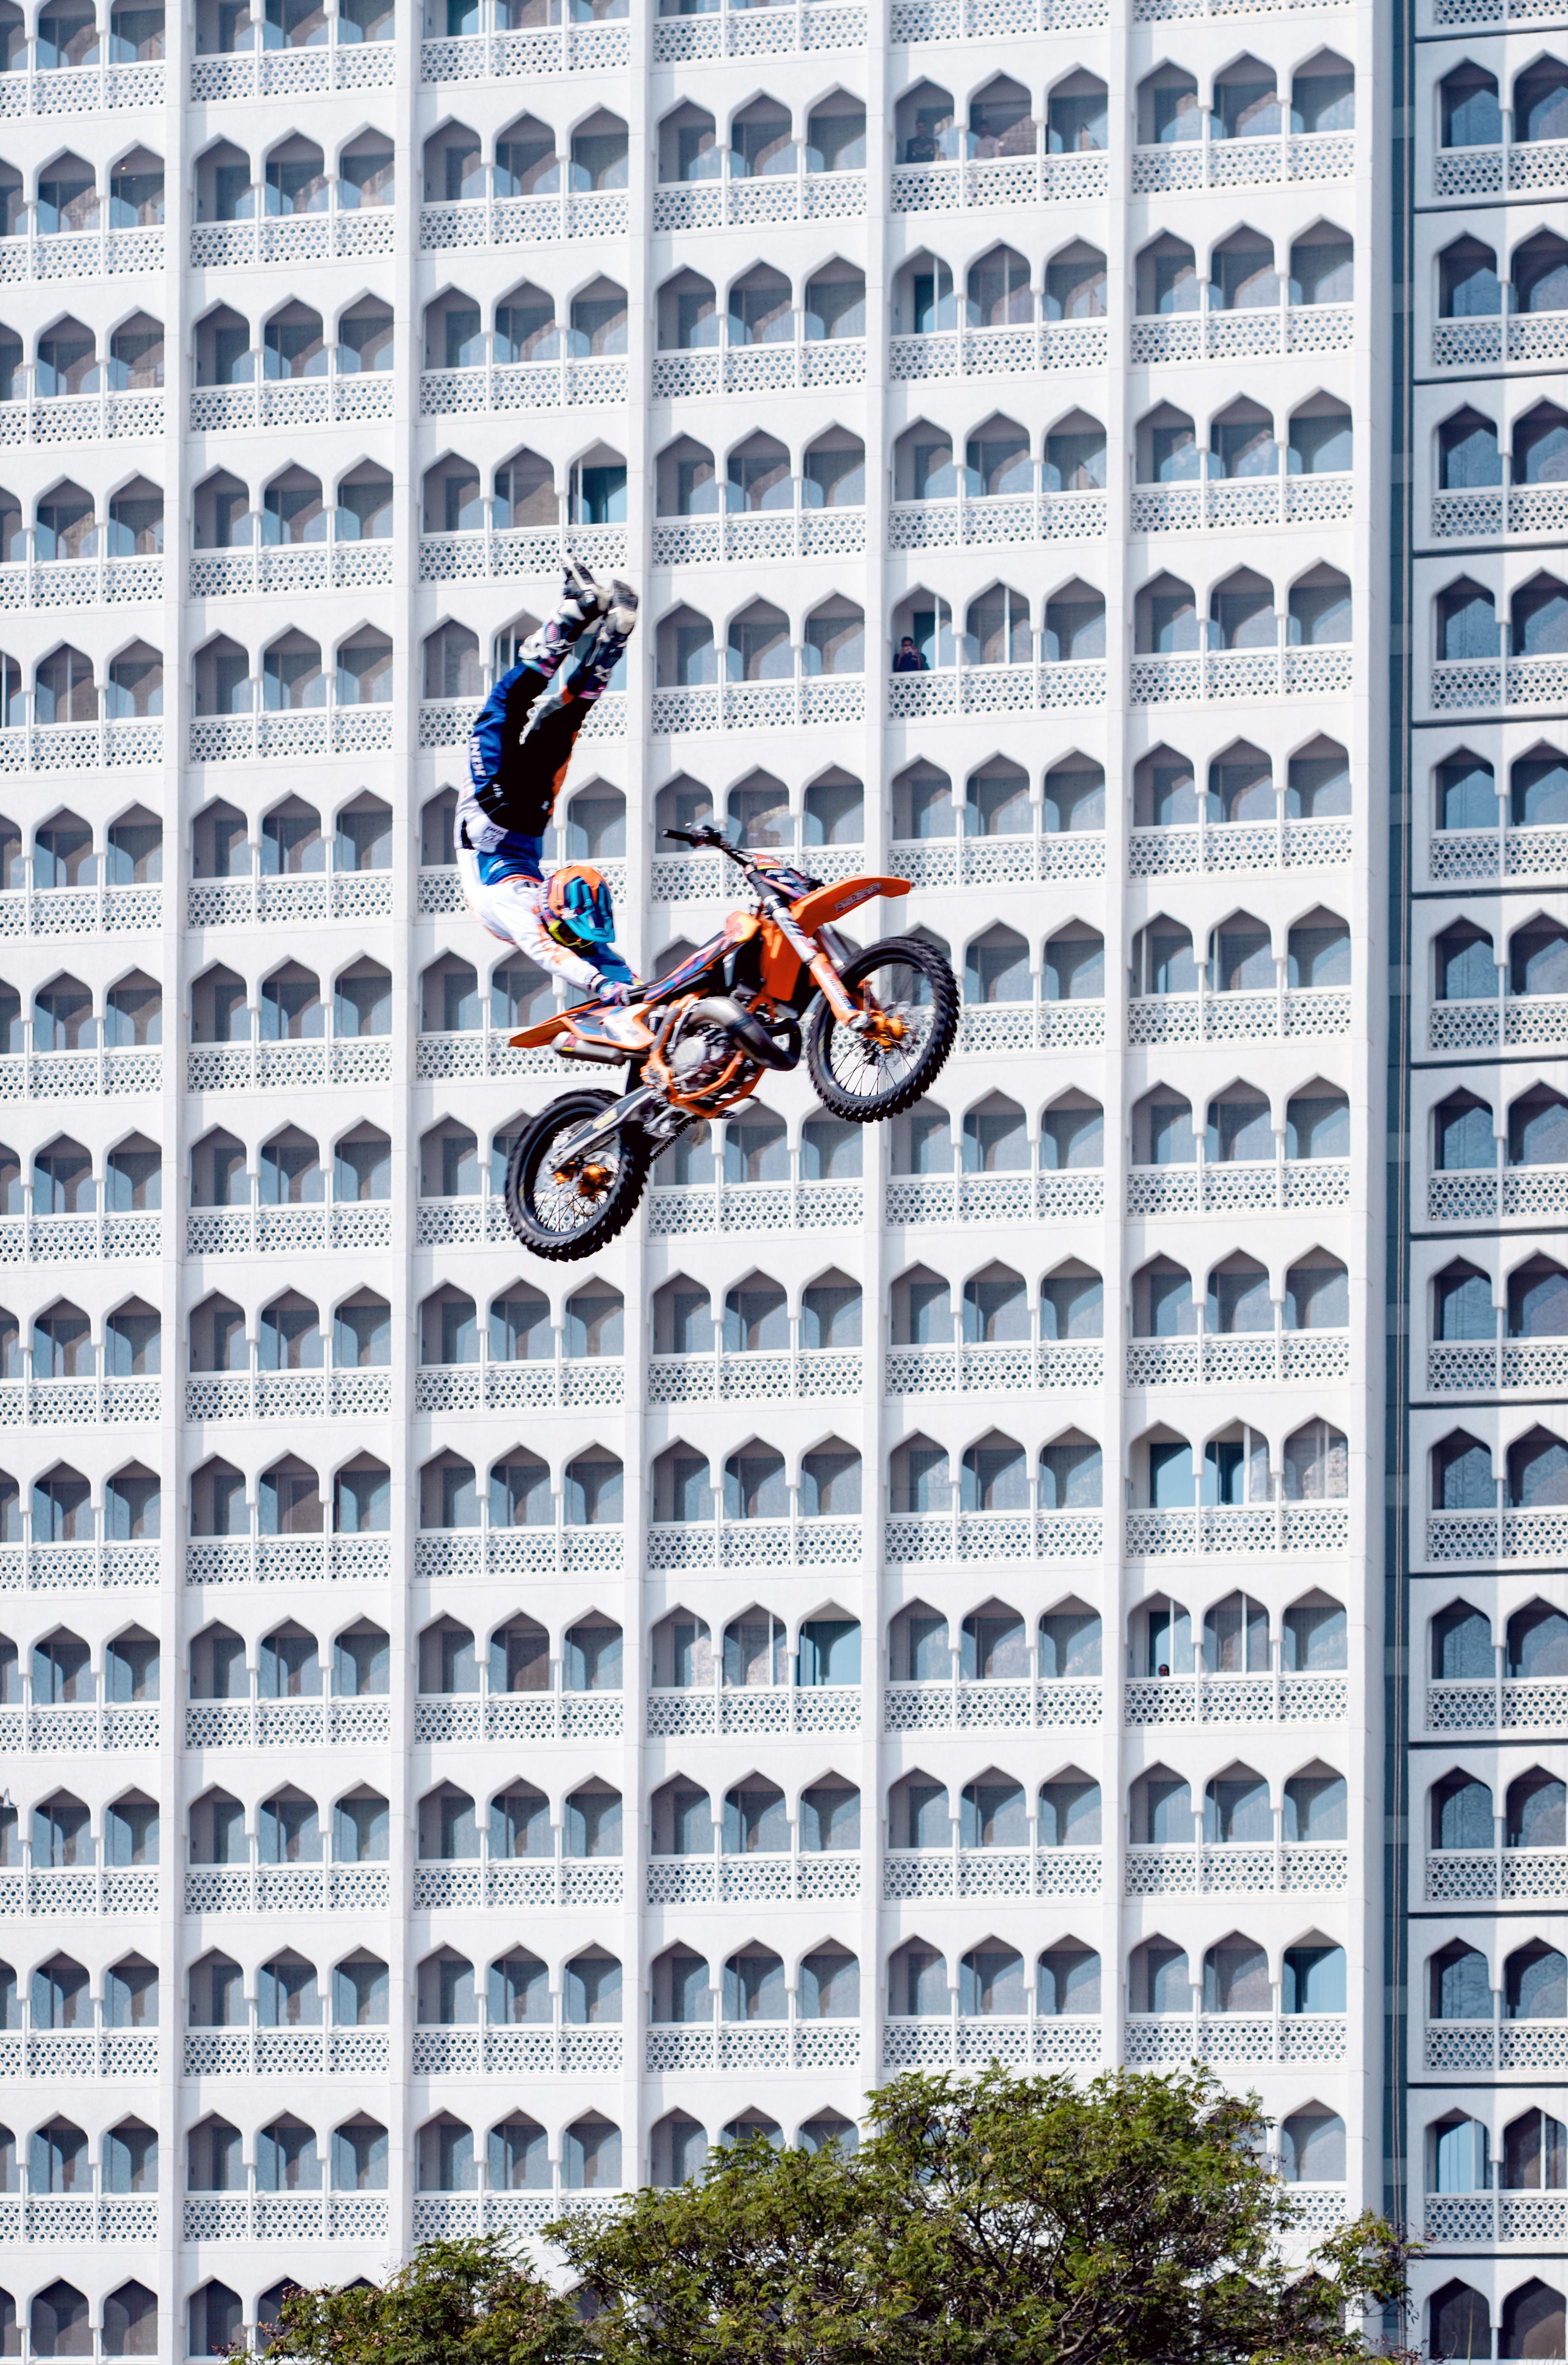 Motorcross Taj Mahal hotel, Mumbai